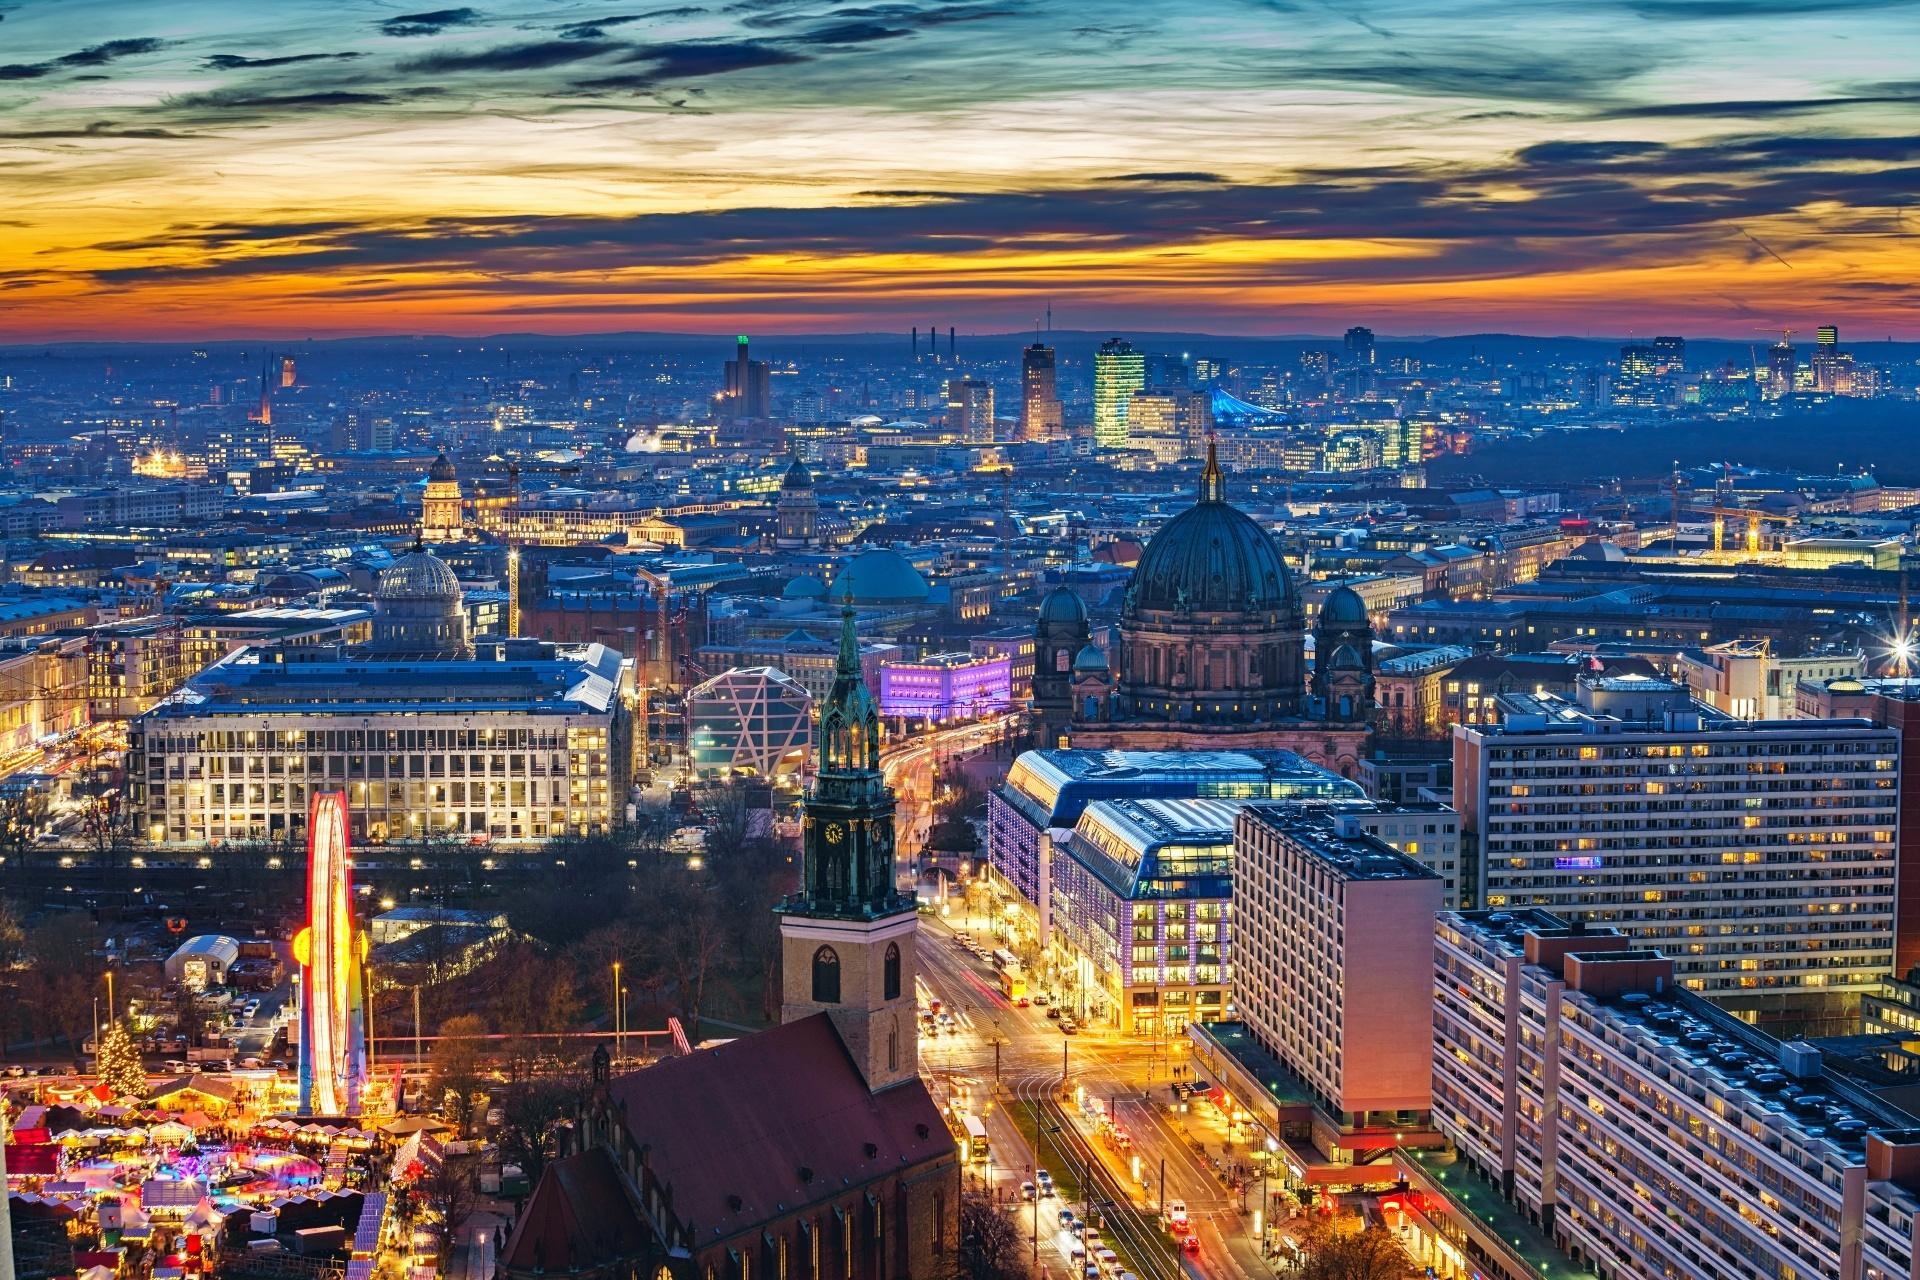 ベルリンの夜の風景 ドイツの風景